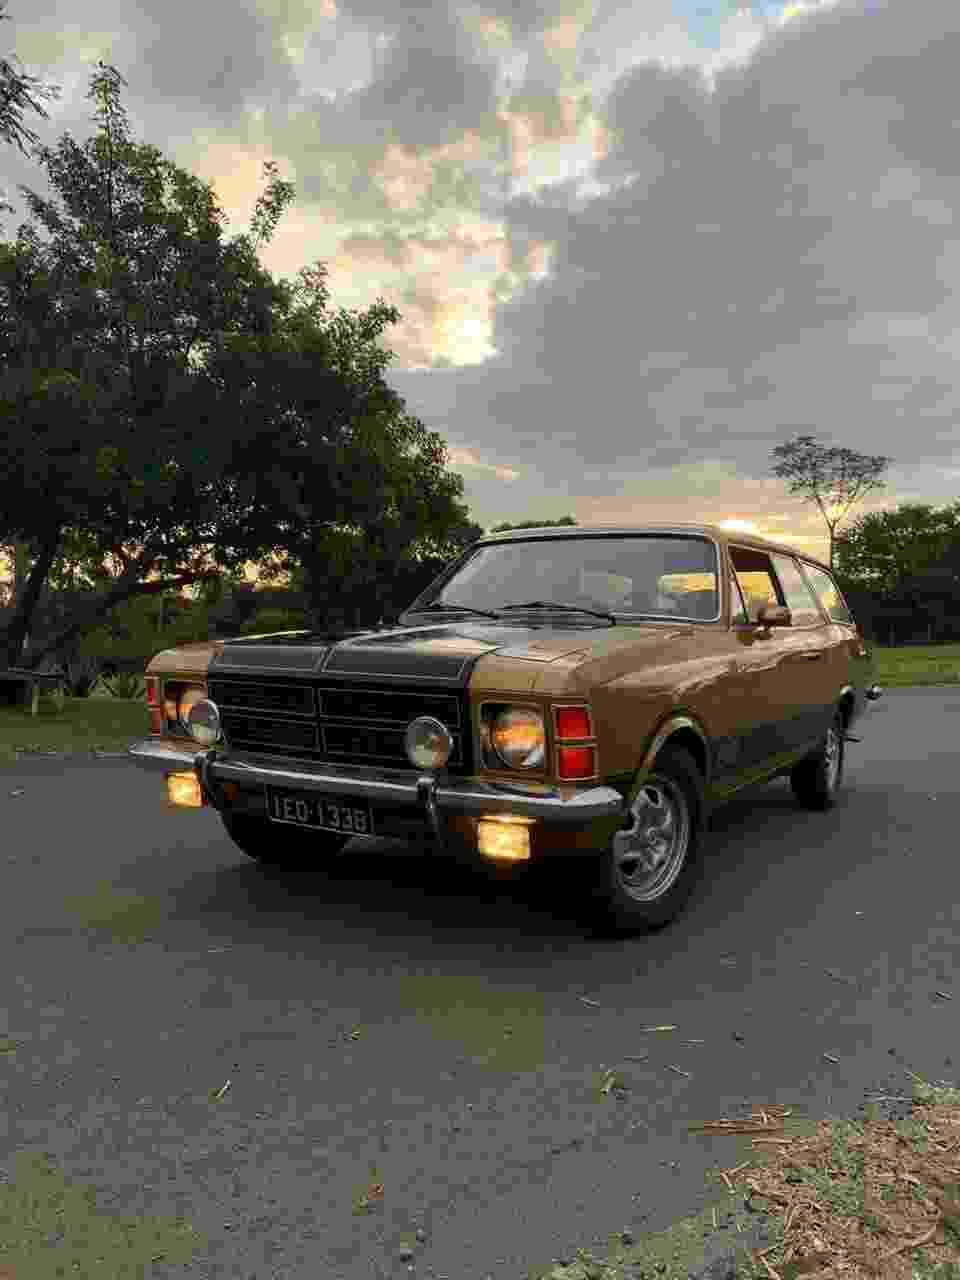 Chevrolet Caravan SS 1978 Alexandre Badolato coleção colecionador motor 6 cilindros - Arquivo pessoal